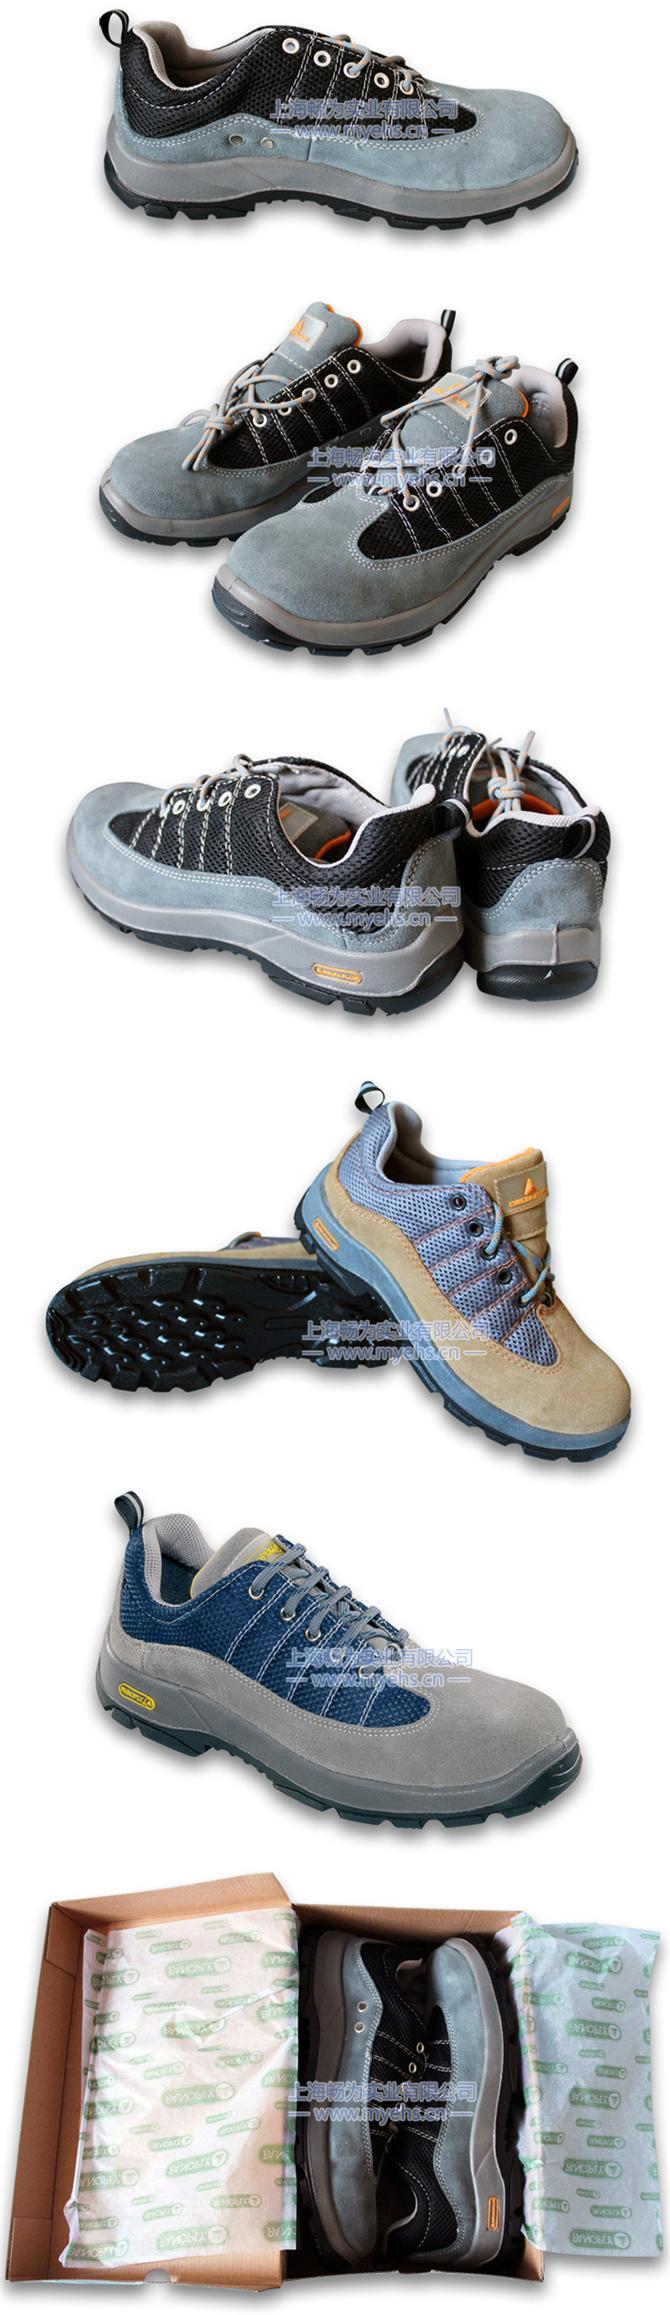 代尔塔301322 进口毛面牛皮安全鞋 产品展示